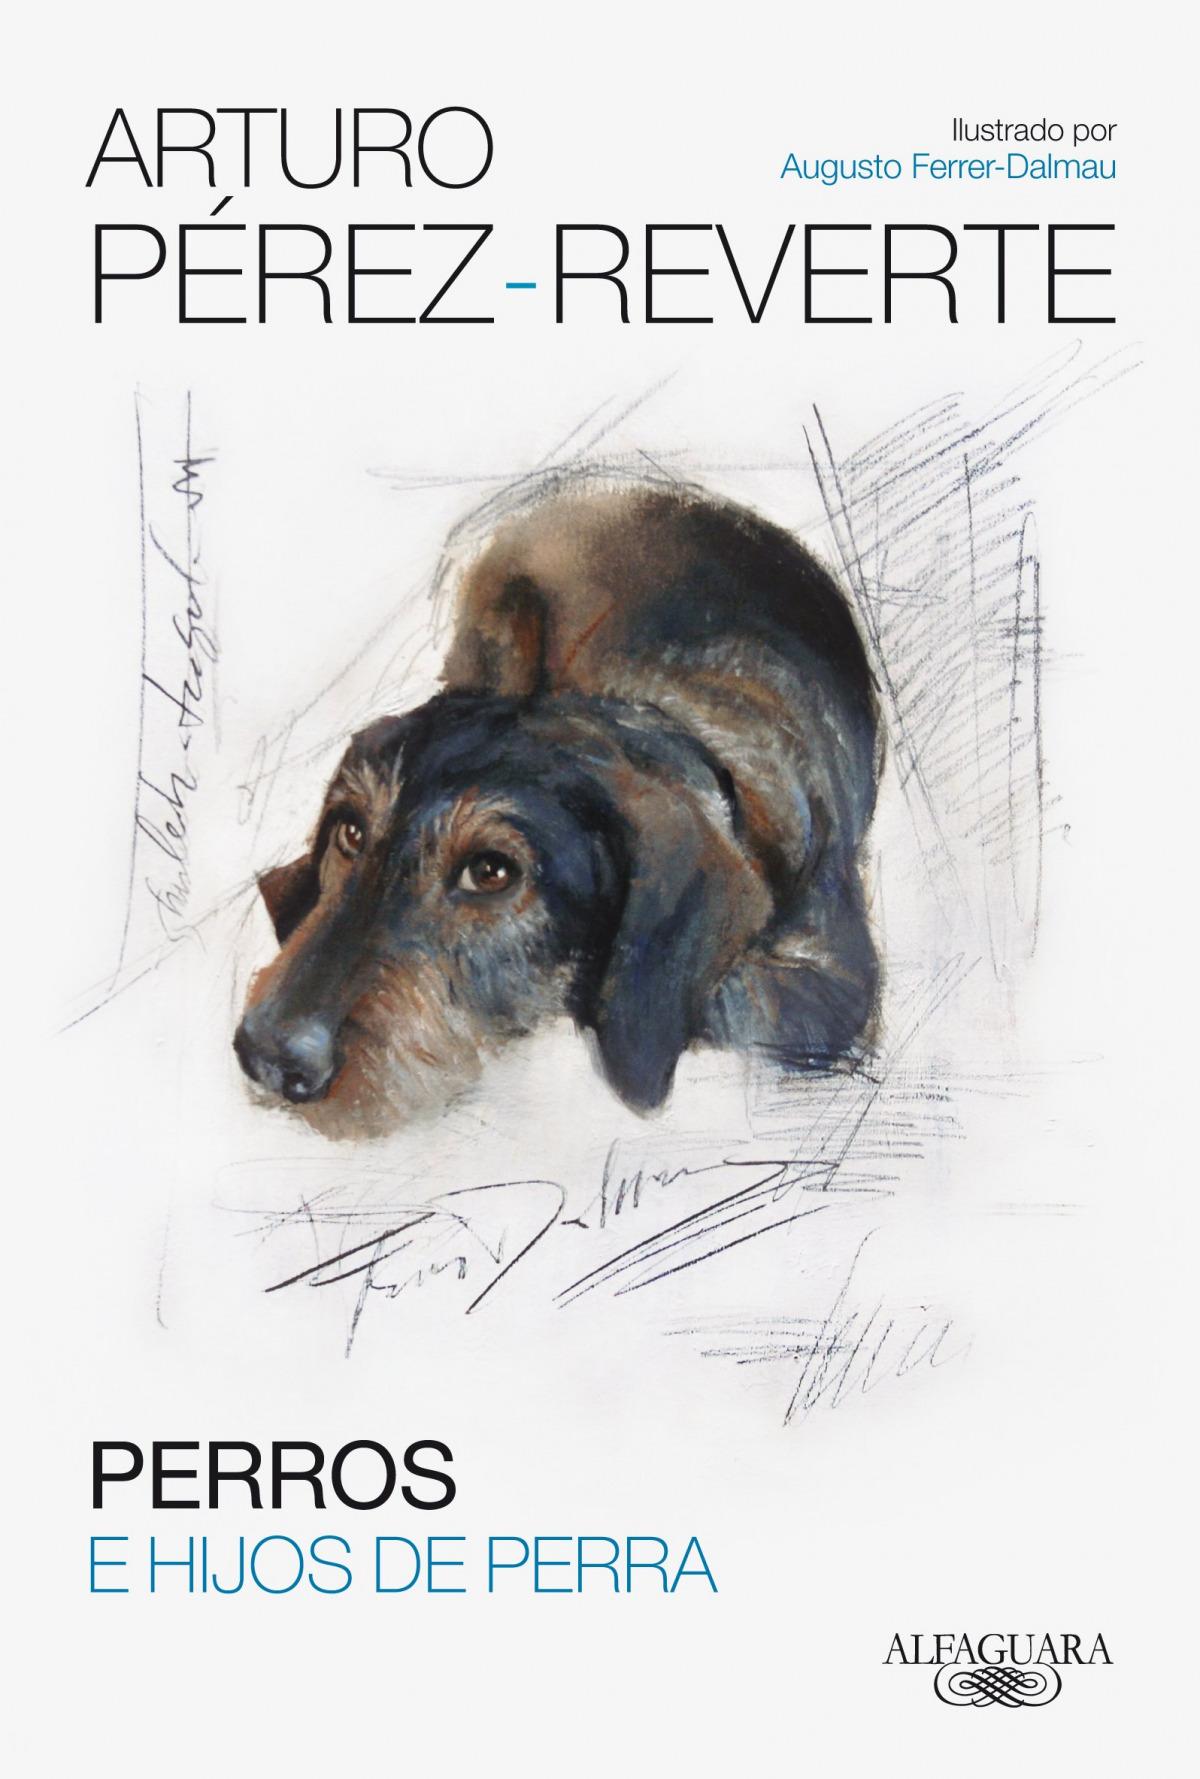 PERROS E HIJOS DE PERRA 9788420417868